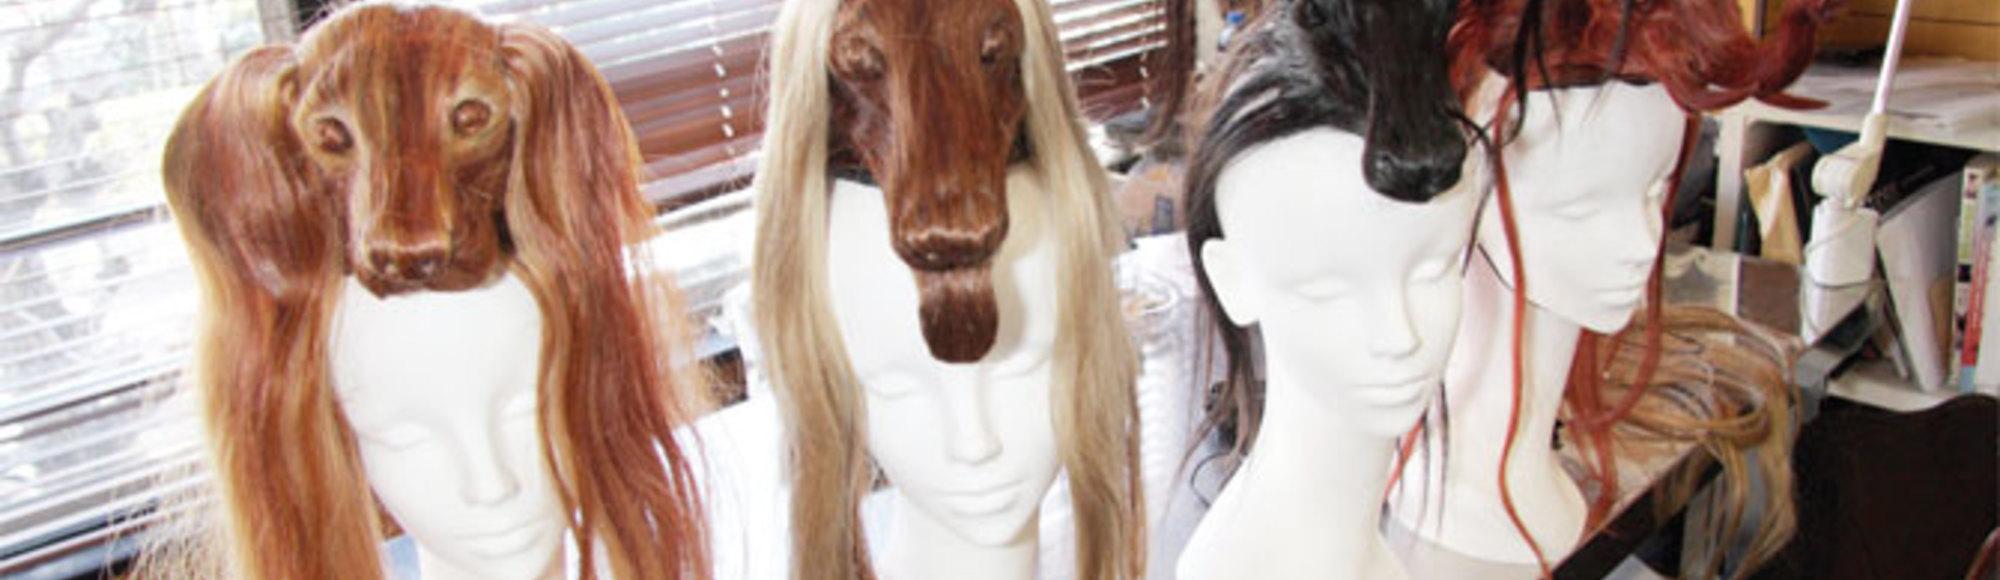 Japonské zvířecí kloboučky z vlasů